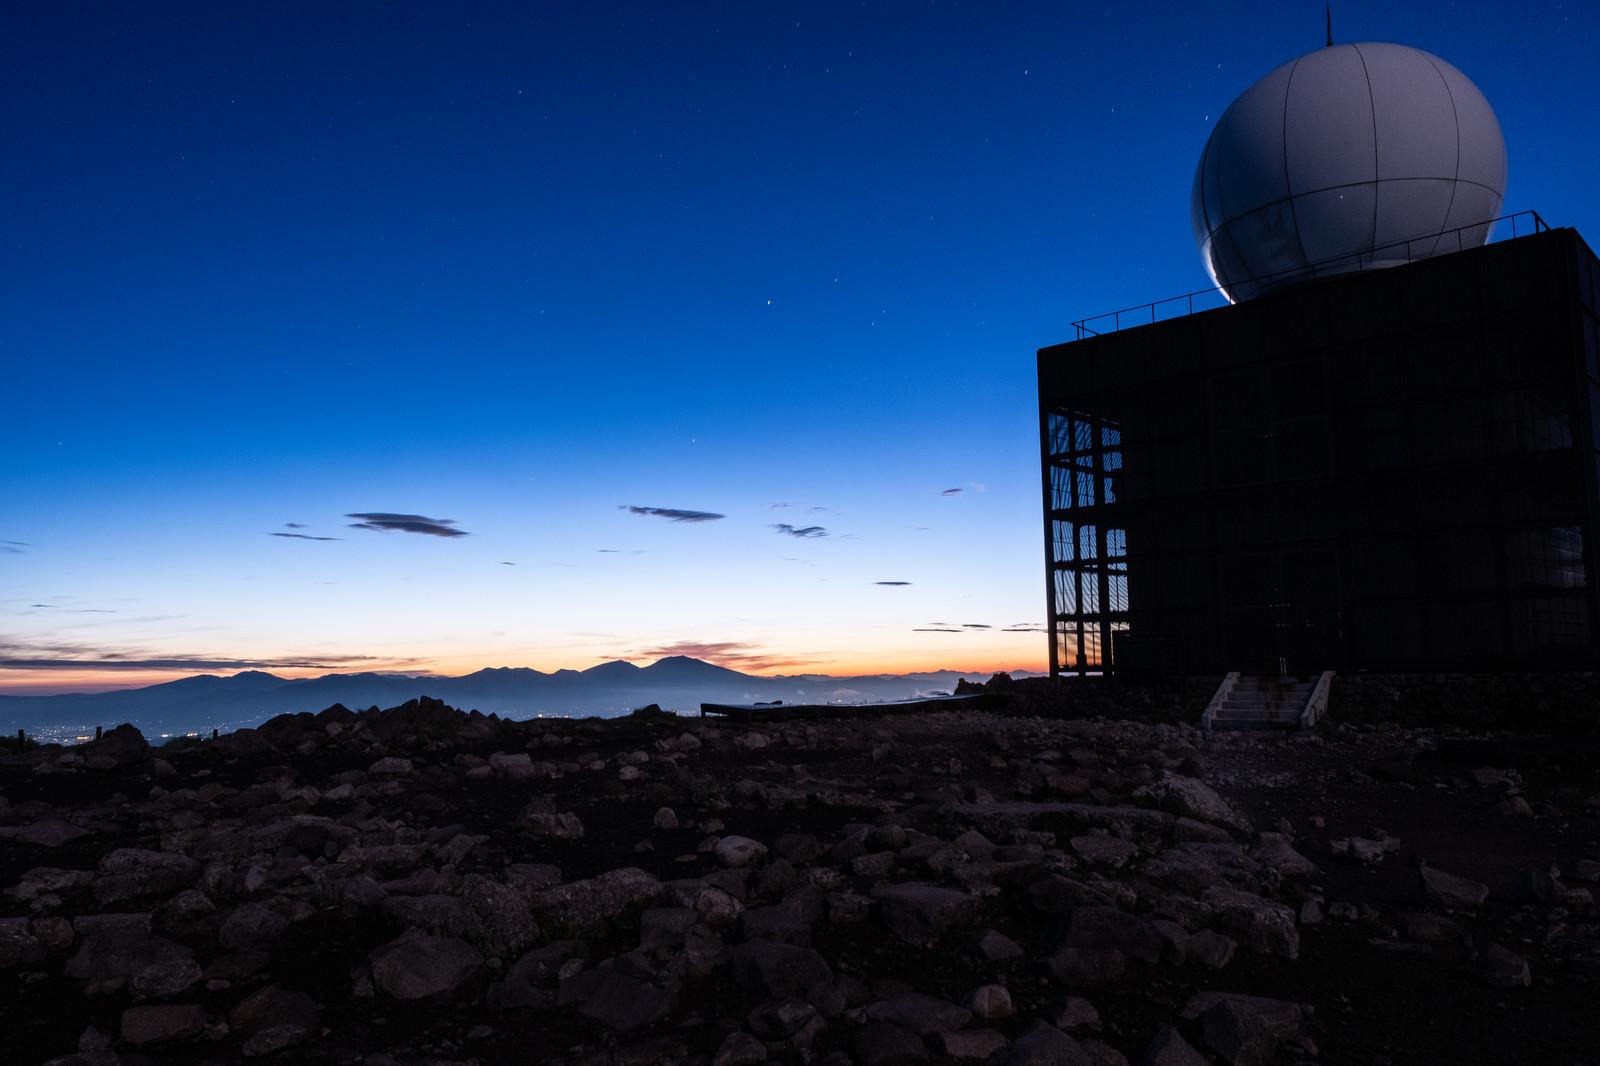 「車山気象レーダー観測所と夕焼け空」の写真